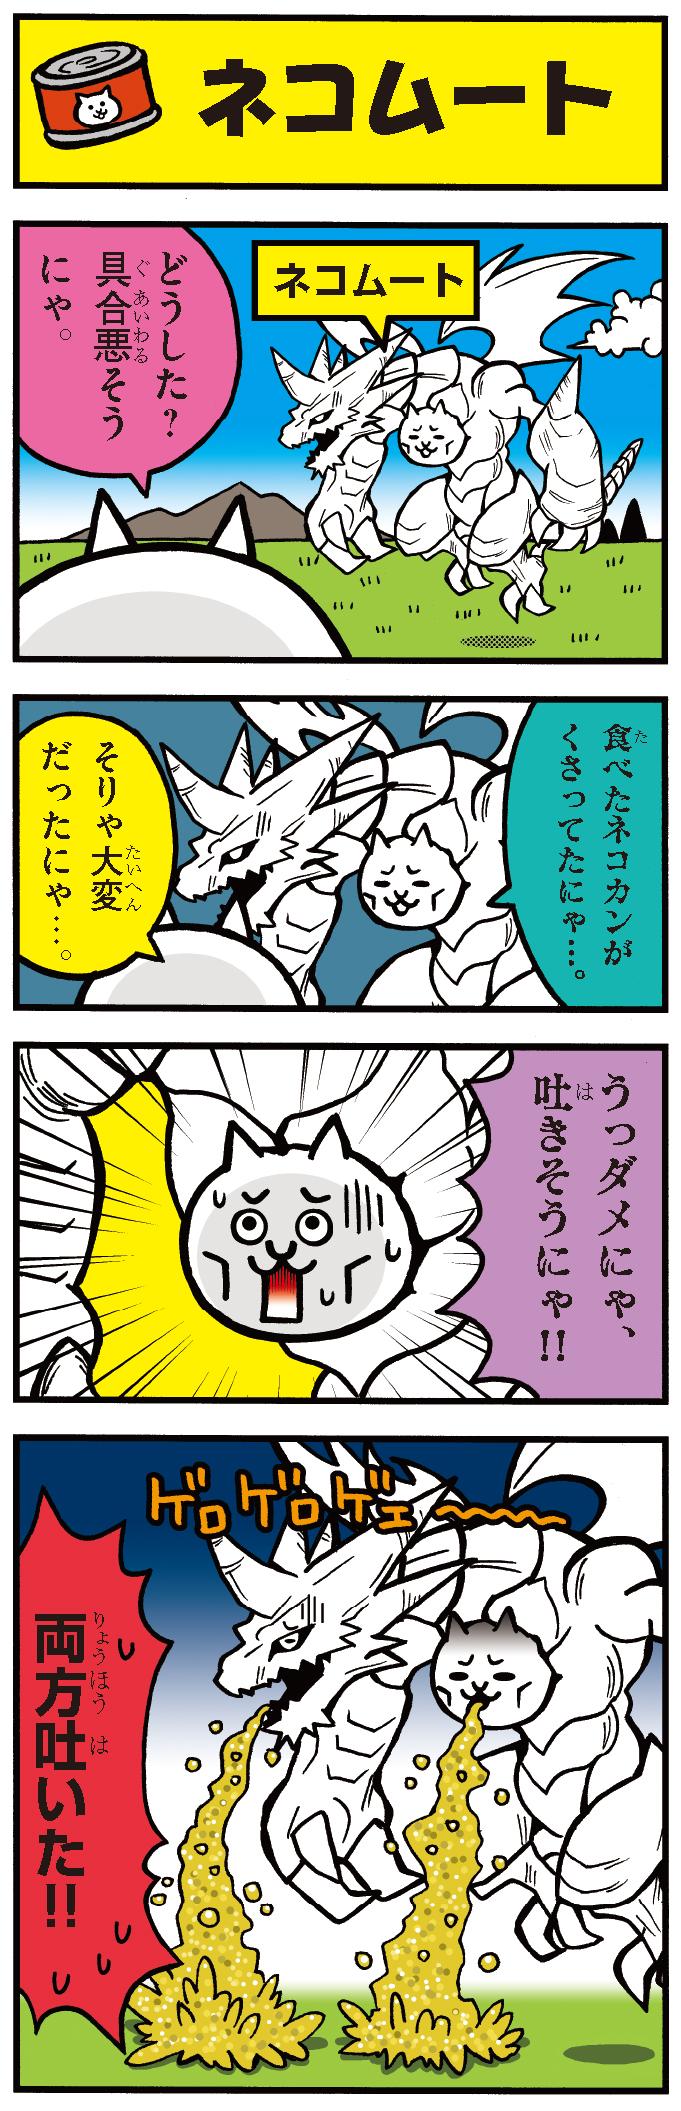 にゃんこ大戦争 伝説レアランキング